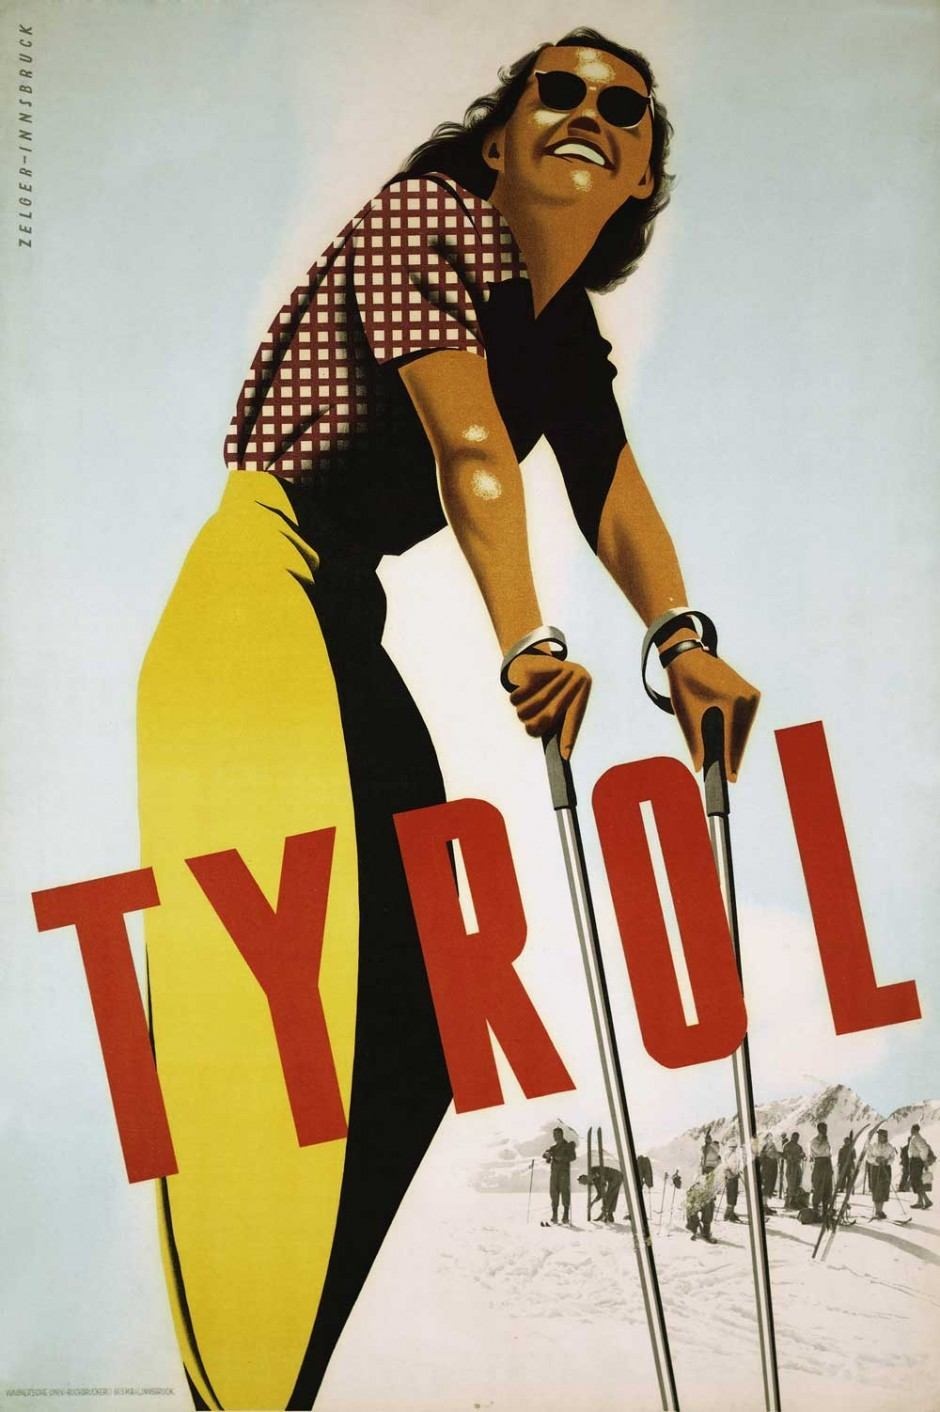 1949, Plakat, 61 × 91,7 cm, Tirol Werbung